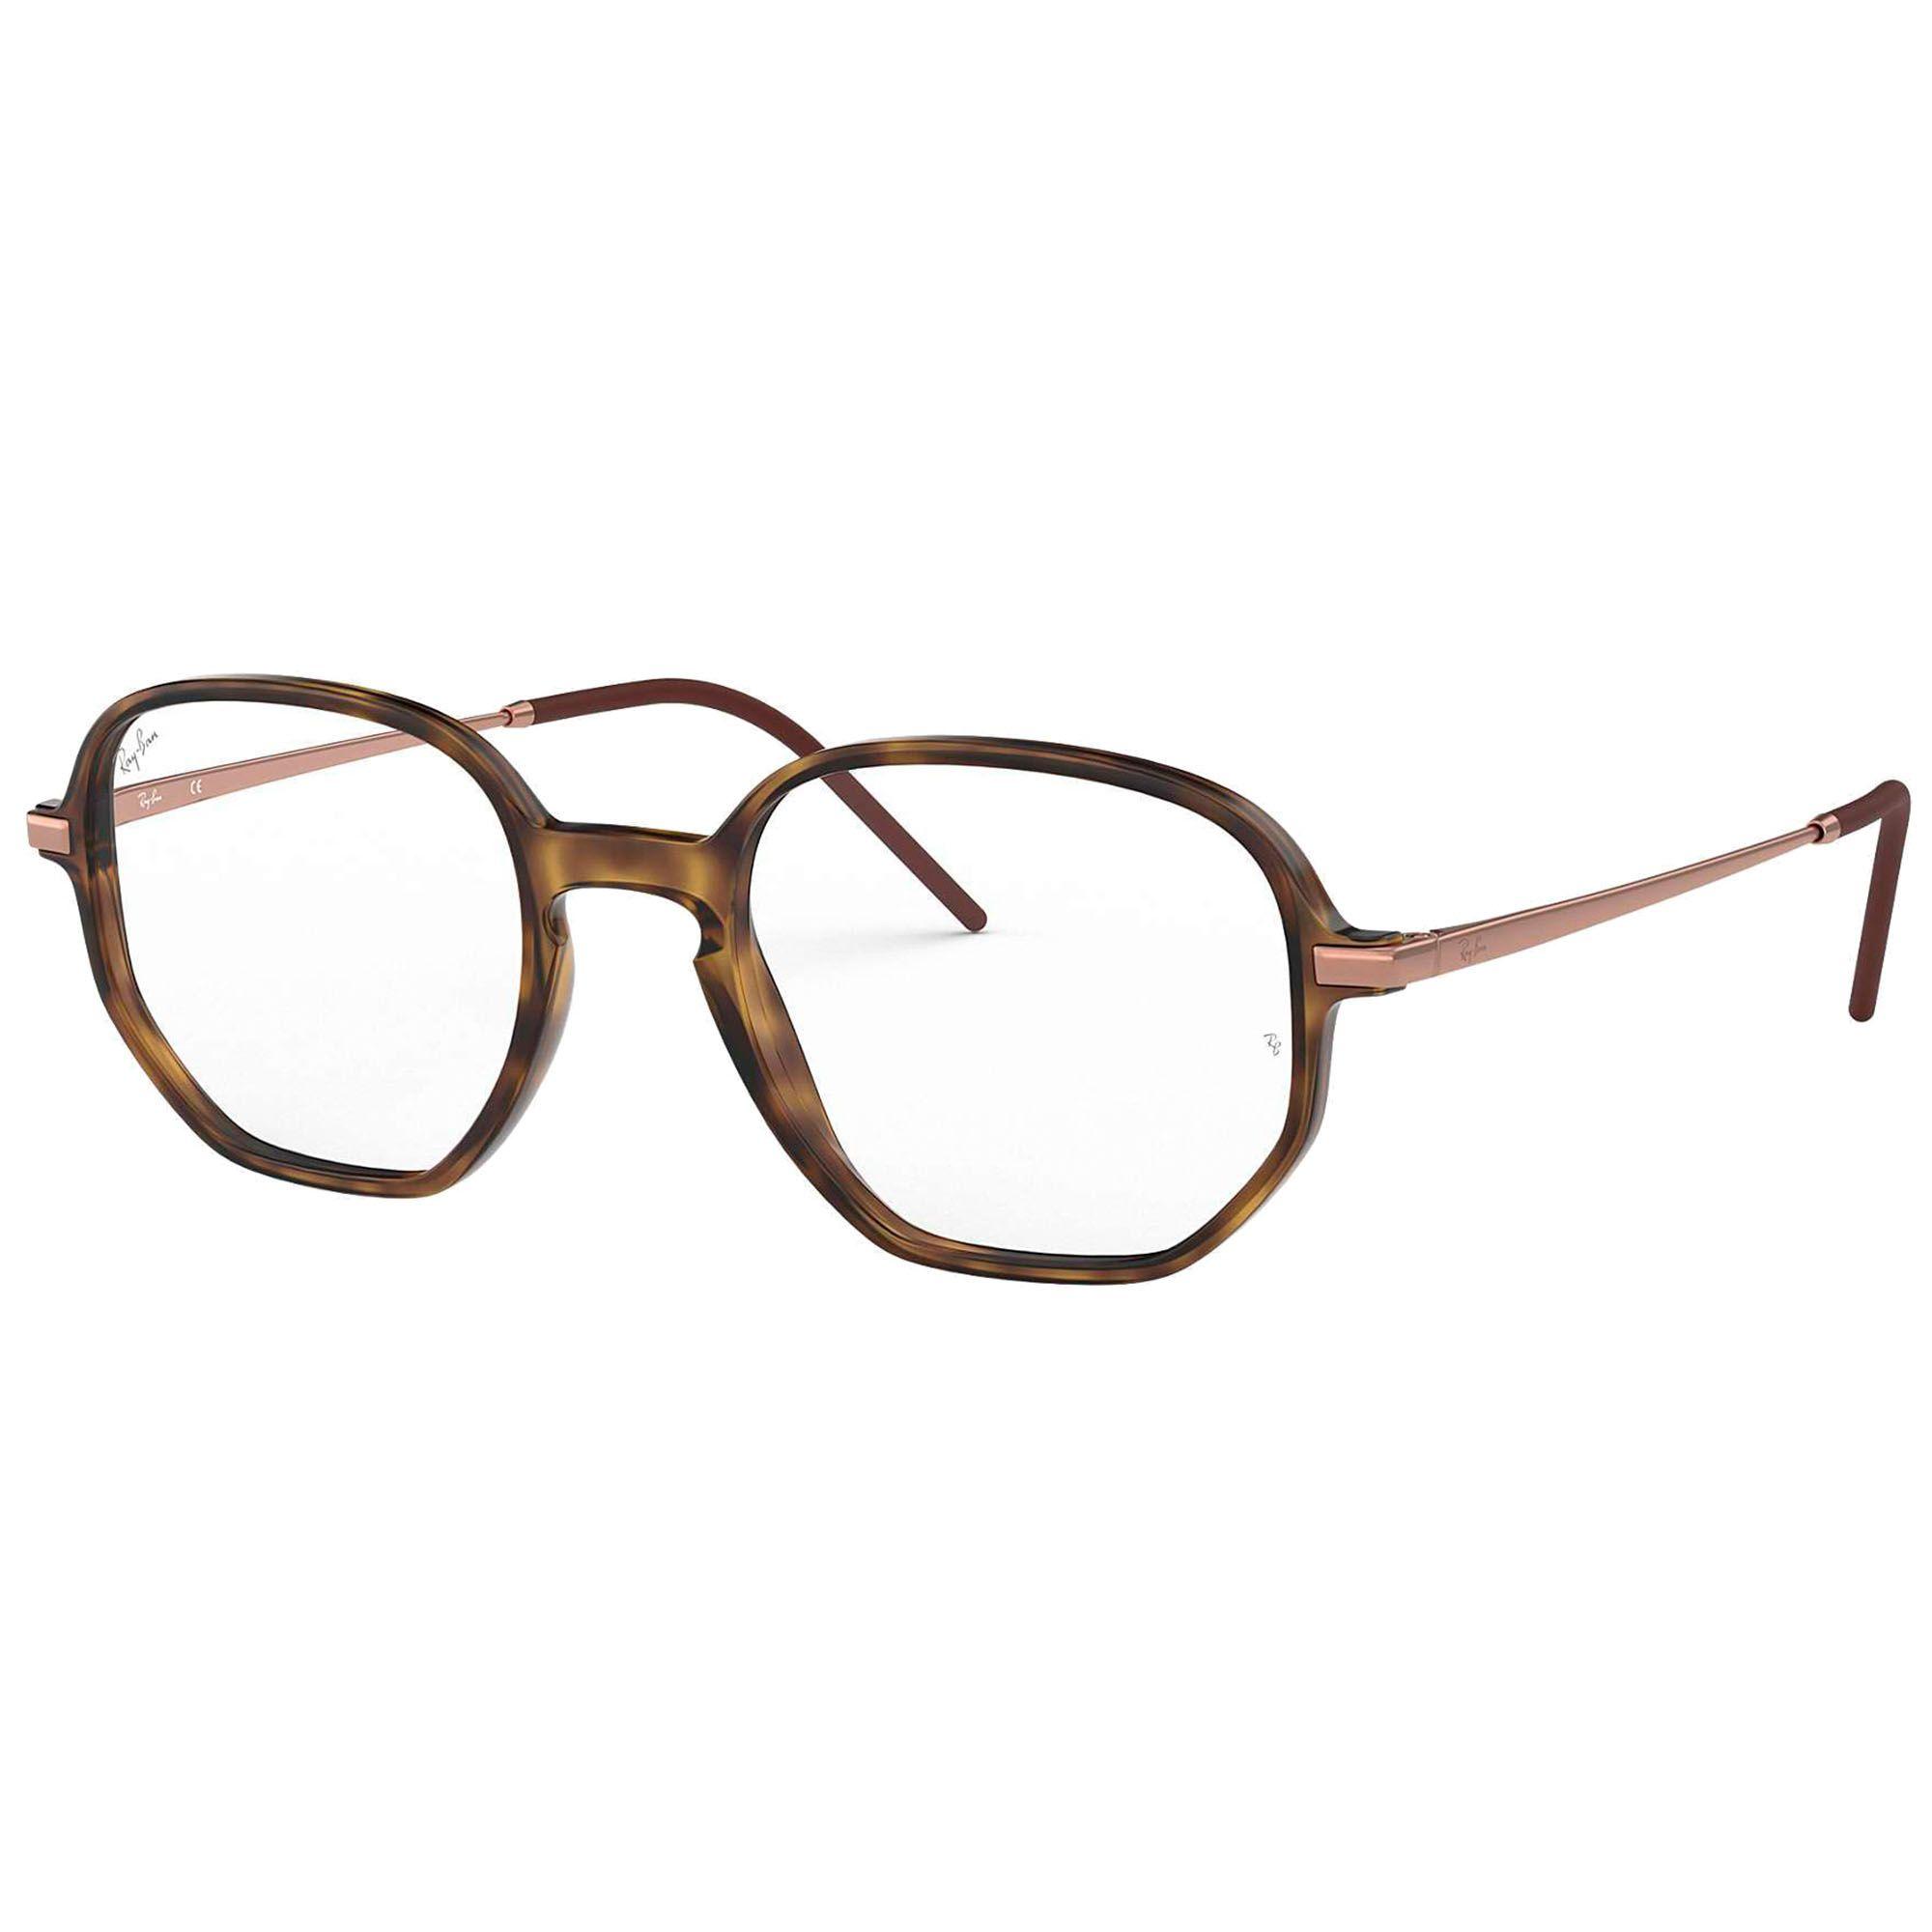 Óculos de Grau Unissex Ray-Ban RB7152 5365 52-19